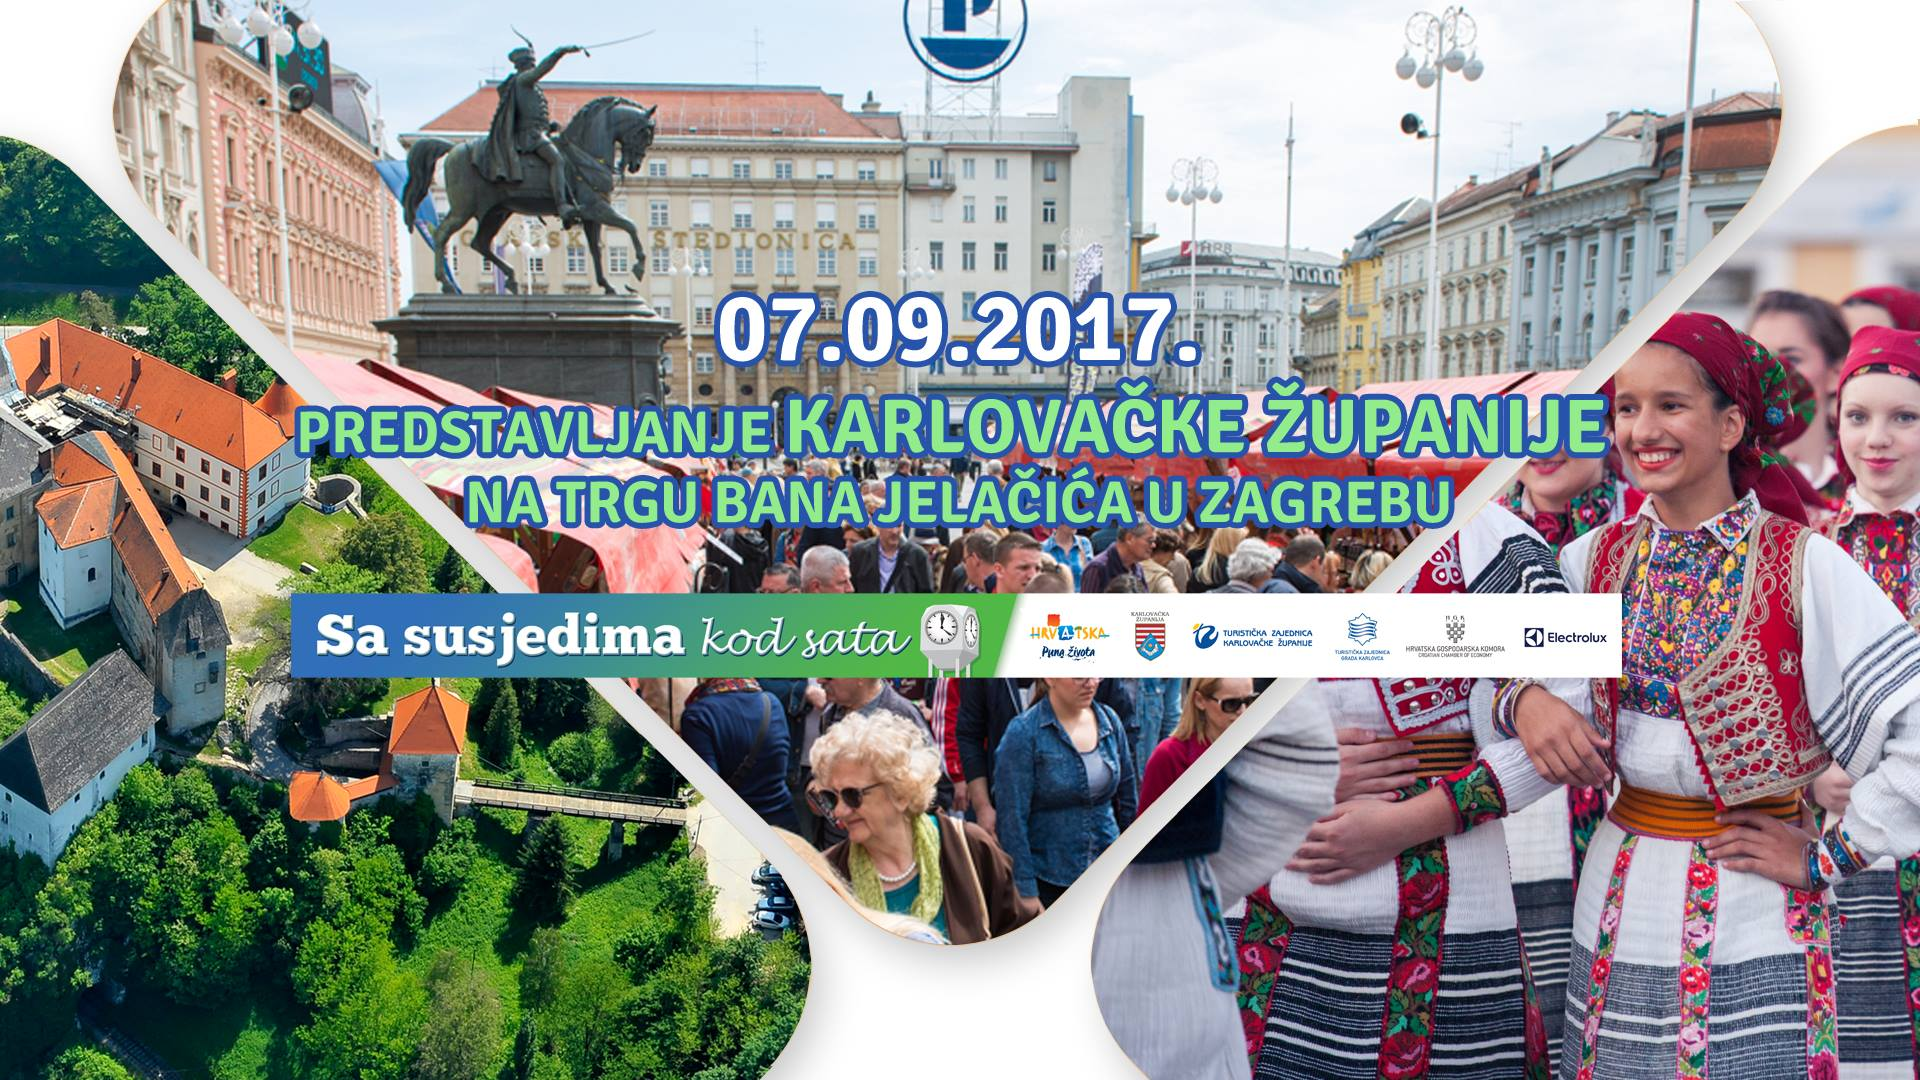 """Photo of Rakovica u Zagrebu: Na trgu bana Jelačića """"Sa susjedima kod sata"""""""